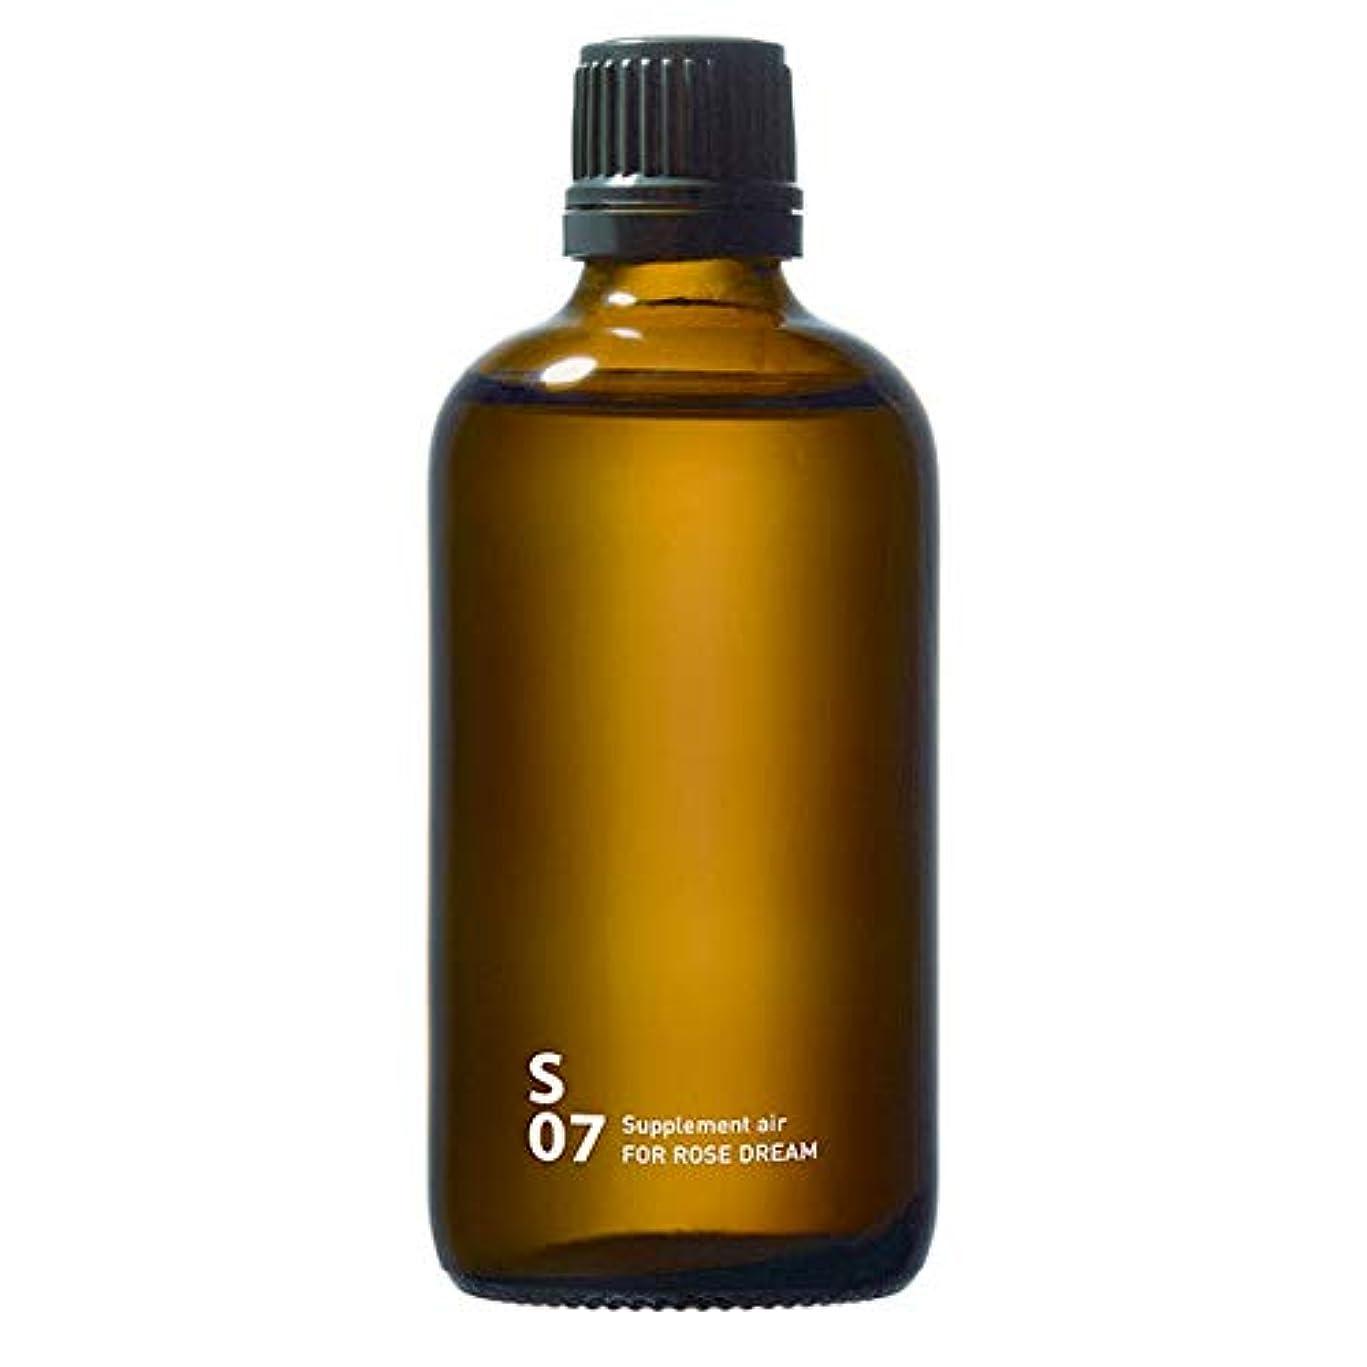 ズボンとにかく子供時代S07 FOR ROSE DREAM piezo aroma oil 100ml